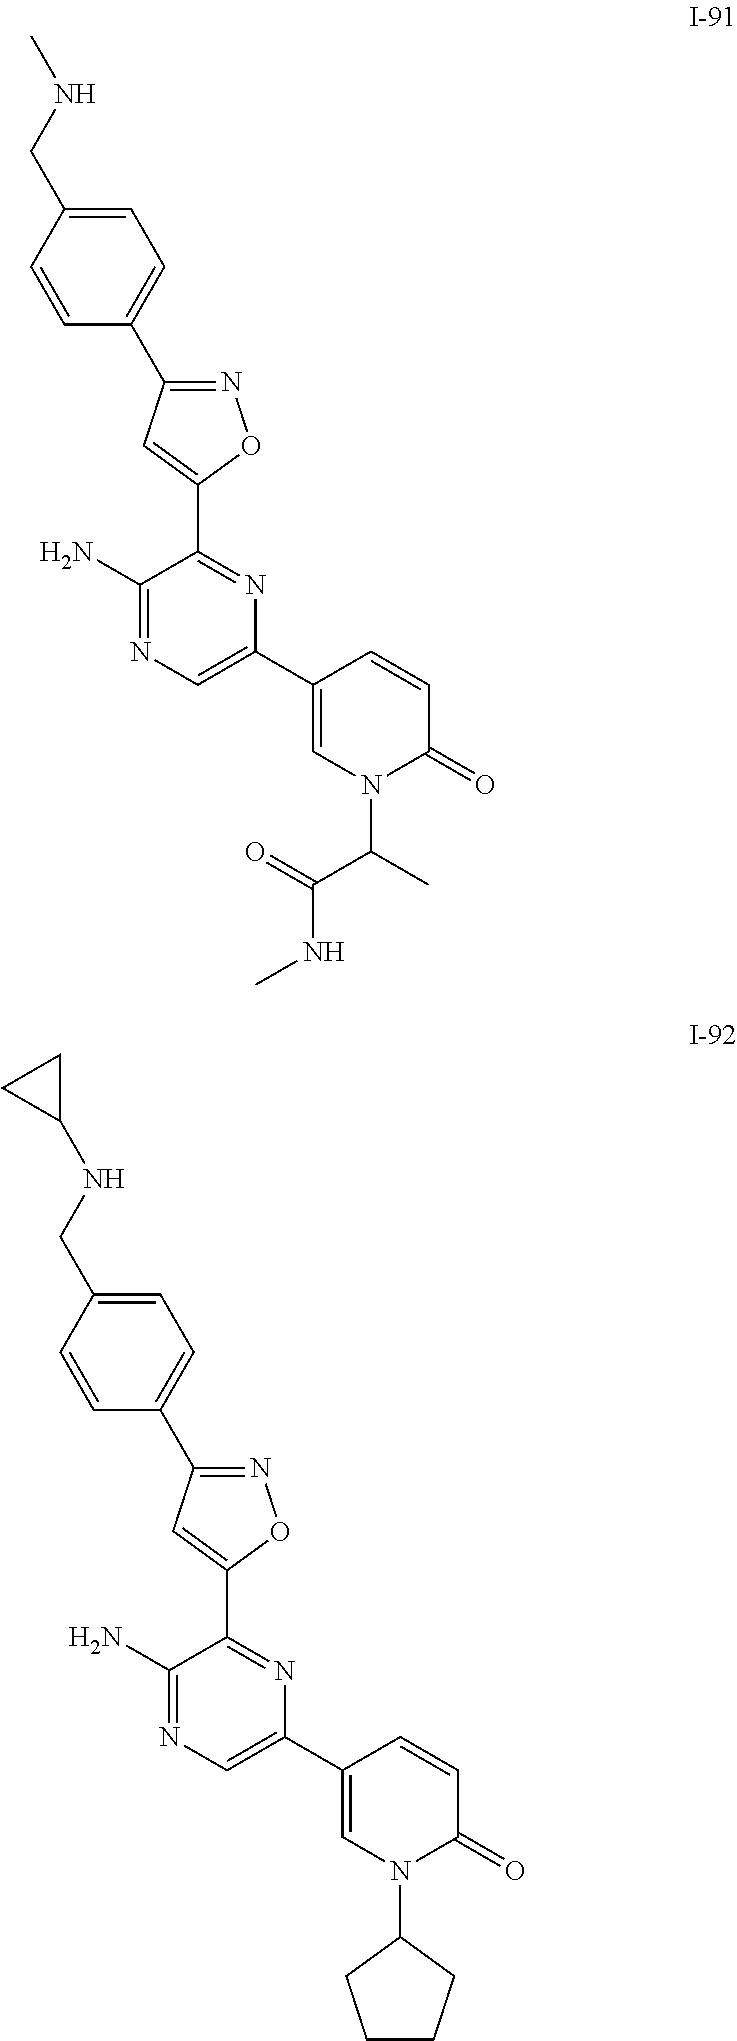 Figure US09630956-20170425-C00248